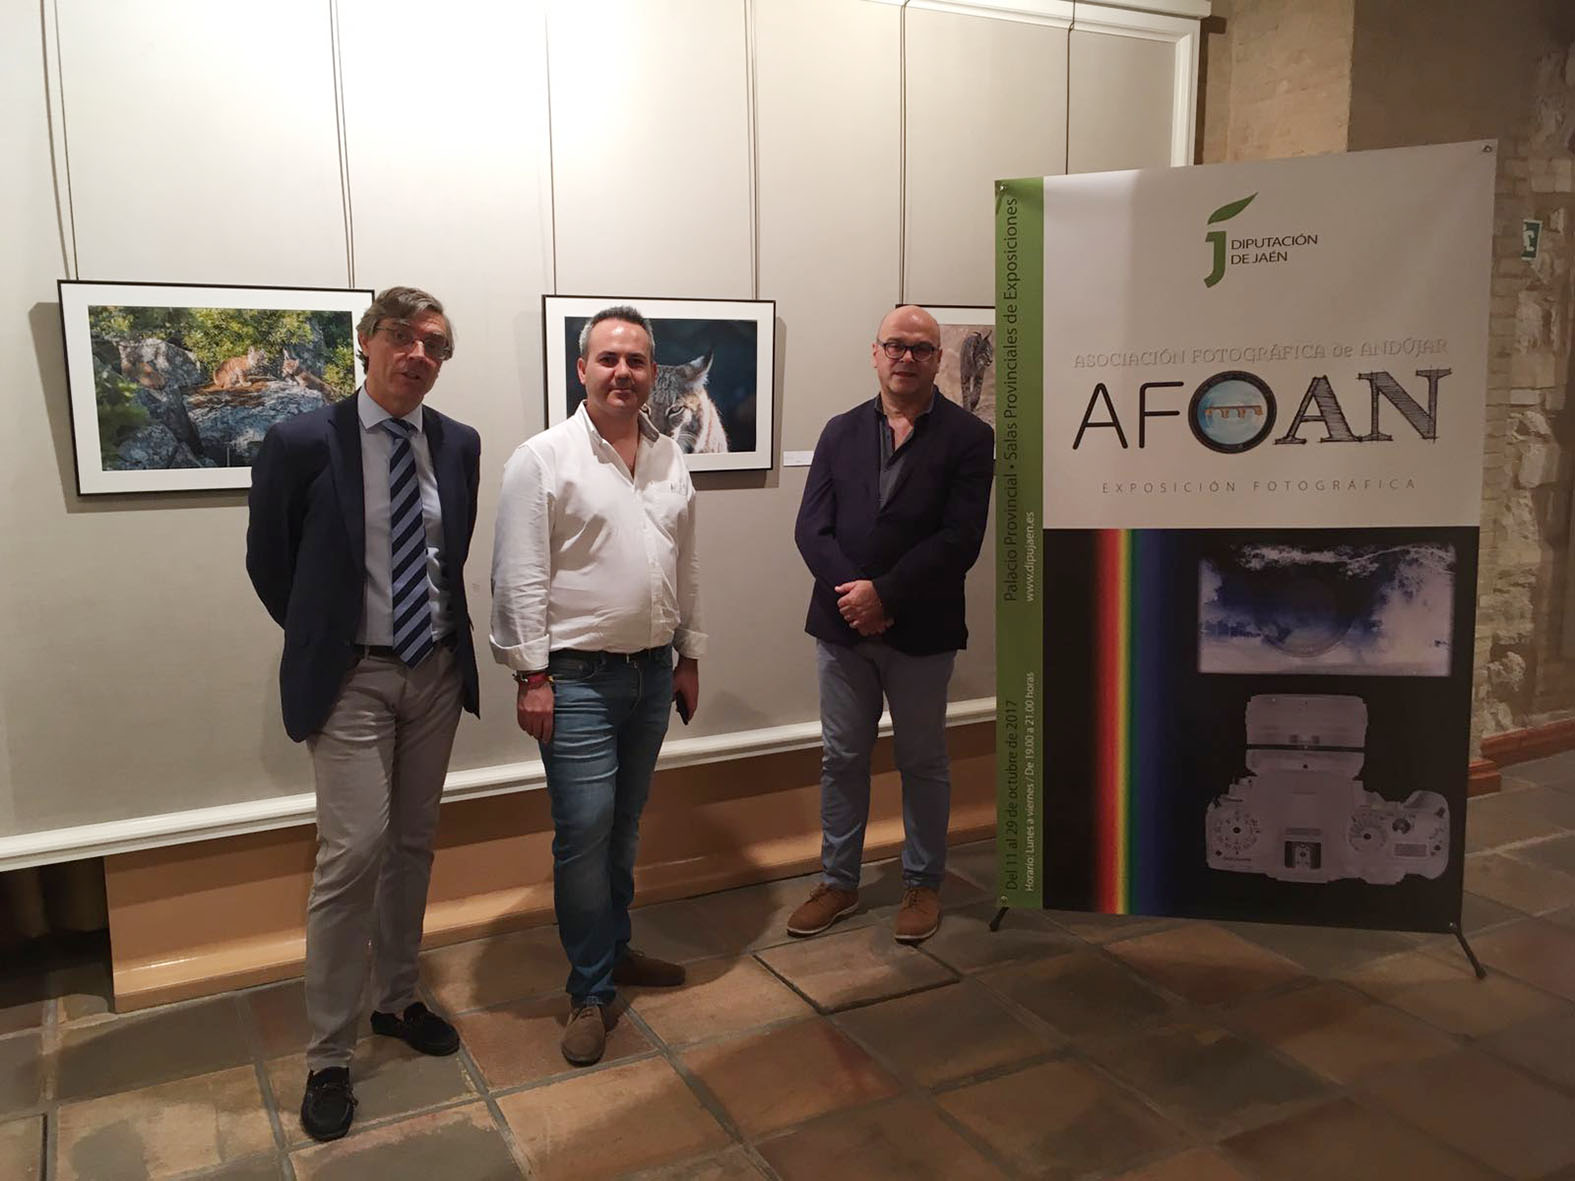 El Palacio Provincial acoge hasta el 29 de octubre una muestra de la Asociación de Fotógrafos de Andújar